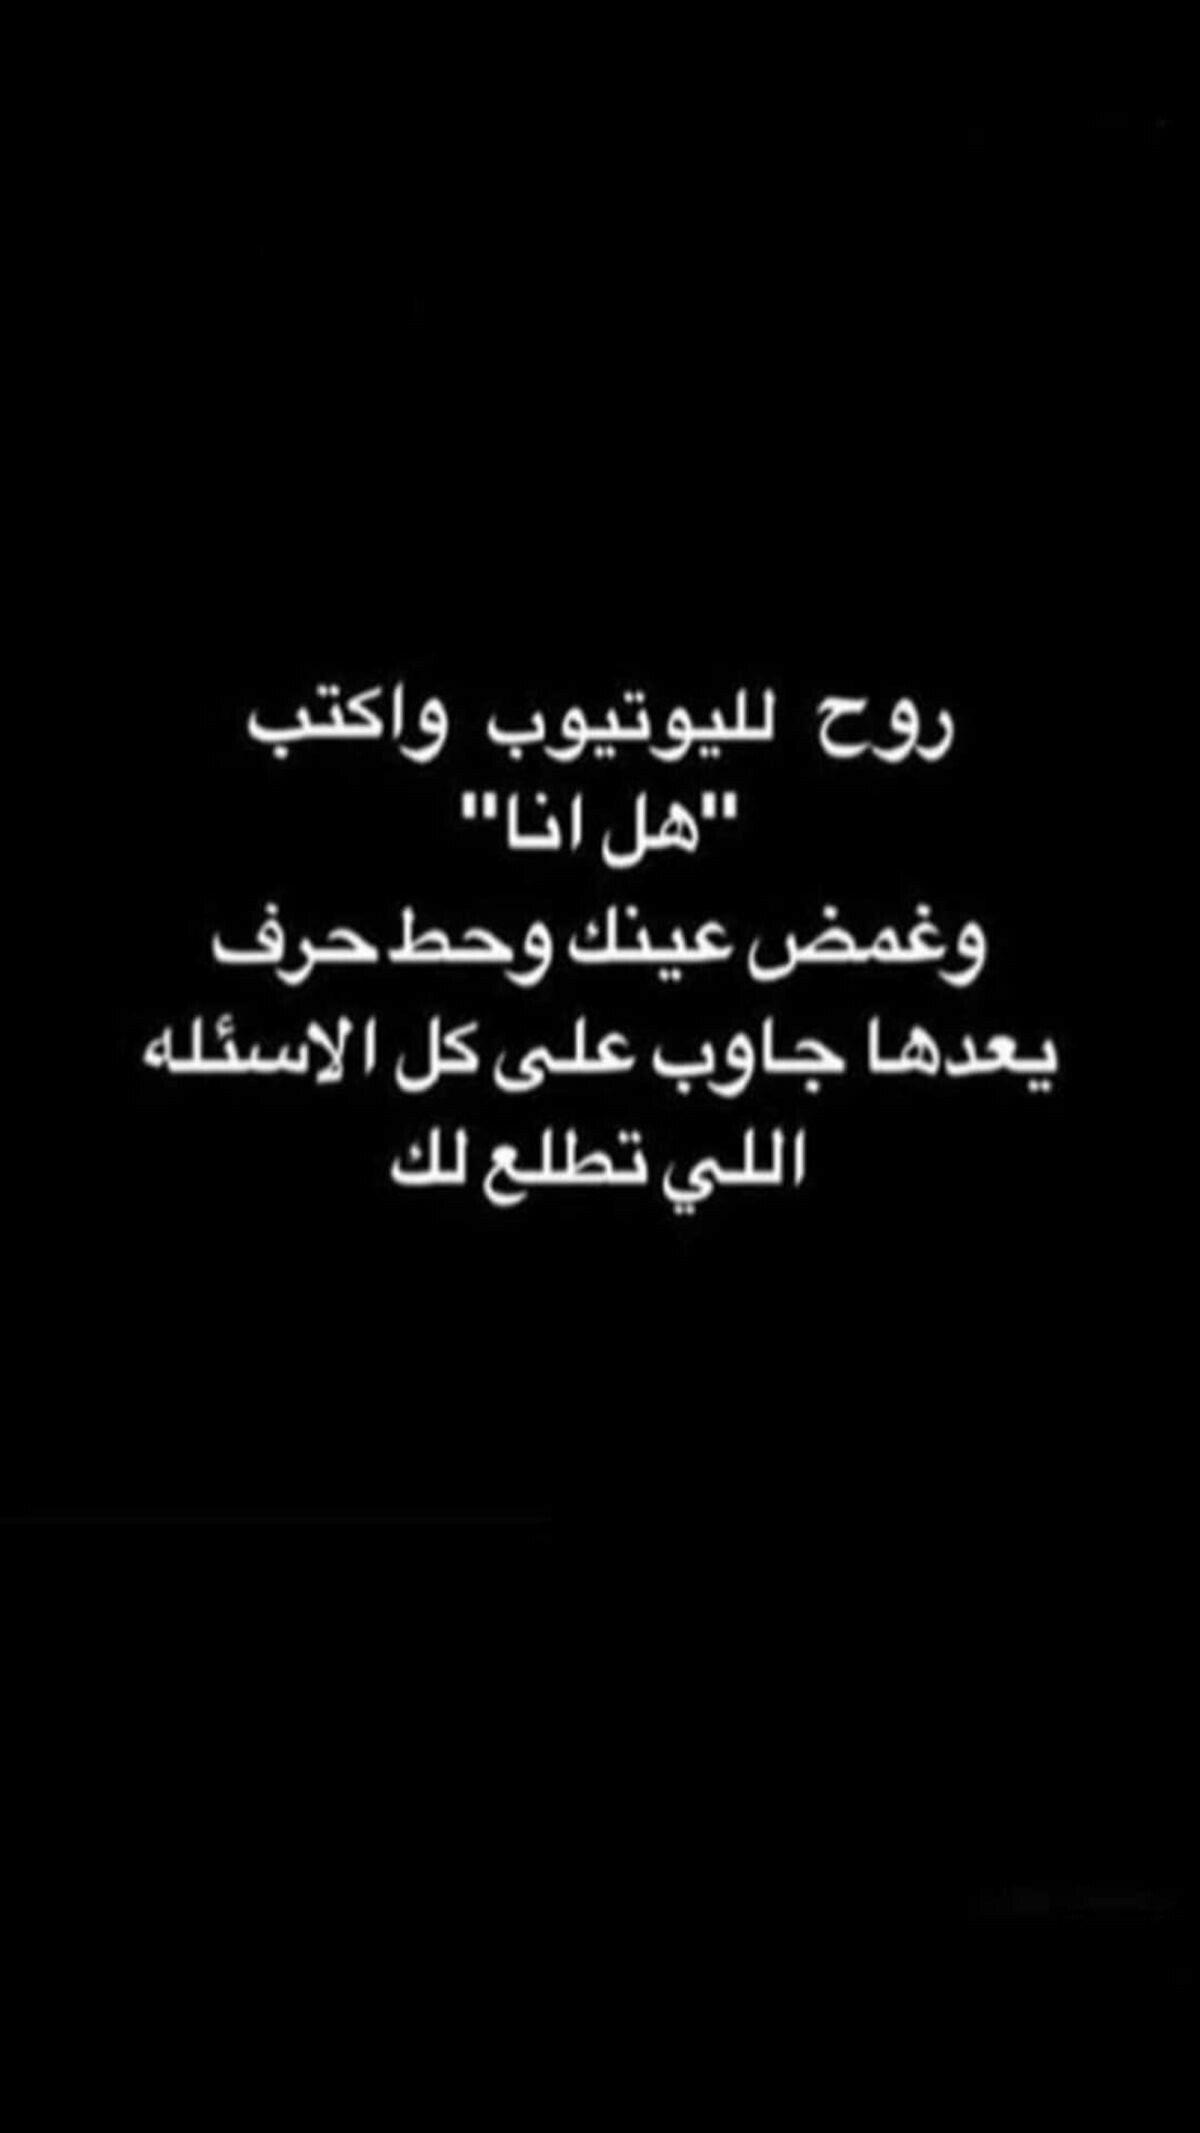 كتبت طلع هل أنا قوية الشخصية نعمممم انتو ايش طلع لكم Pretty Quotes Cool Words Funny Arabic Quotes